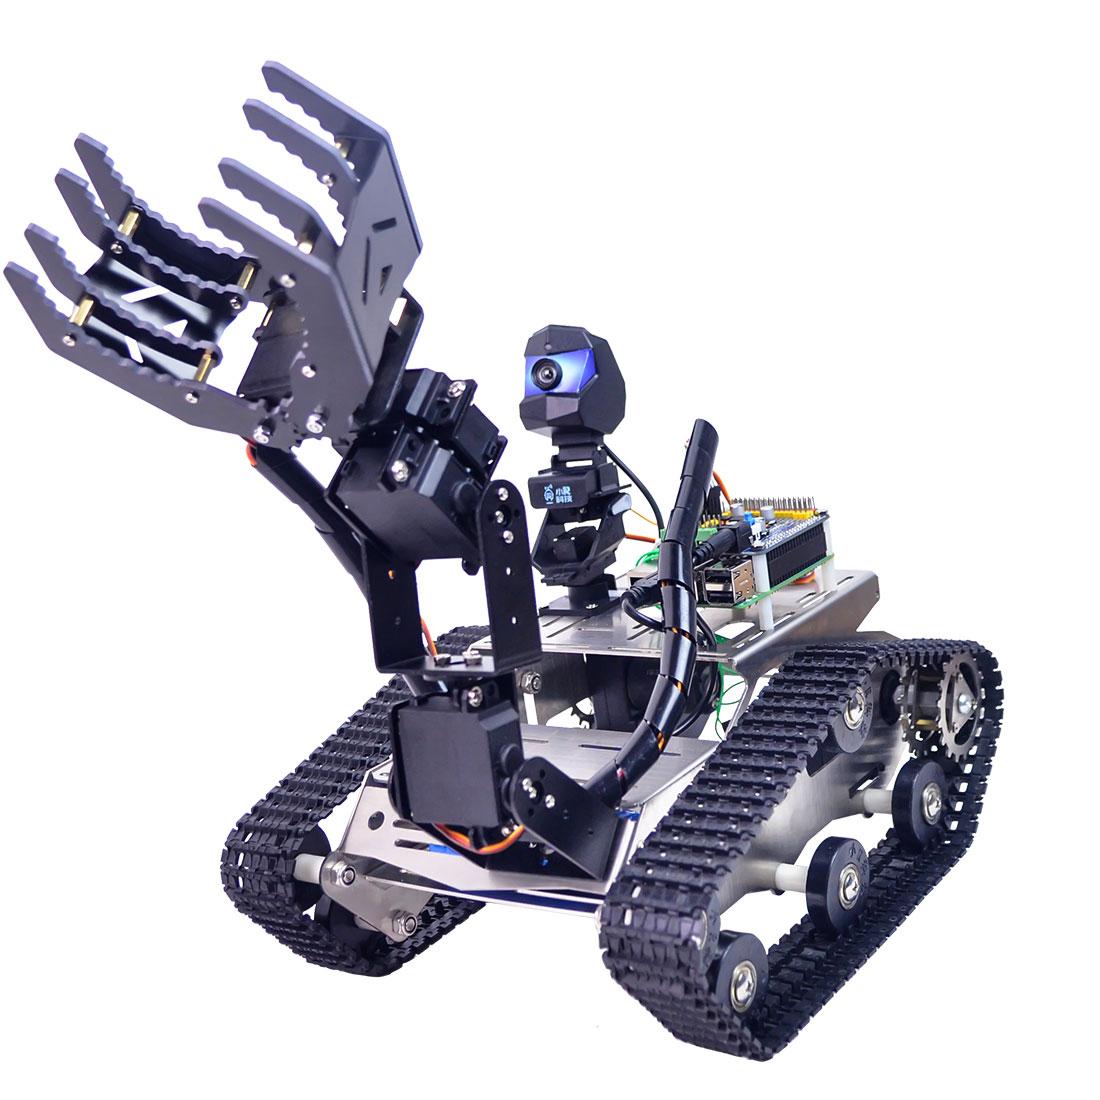 قابل للبرمجة TH WiFi دبابة سيارة روبوت عدة لعبة مع ذراع ل Raspberry Pi4 (2G) -خط دورية تجنب عقبة نسخة كبيرة مخلب